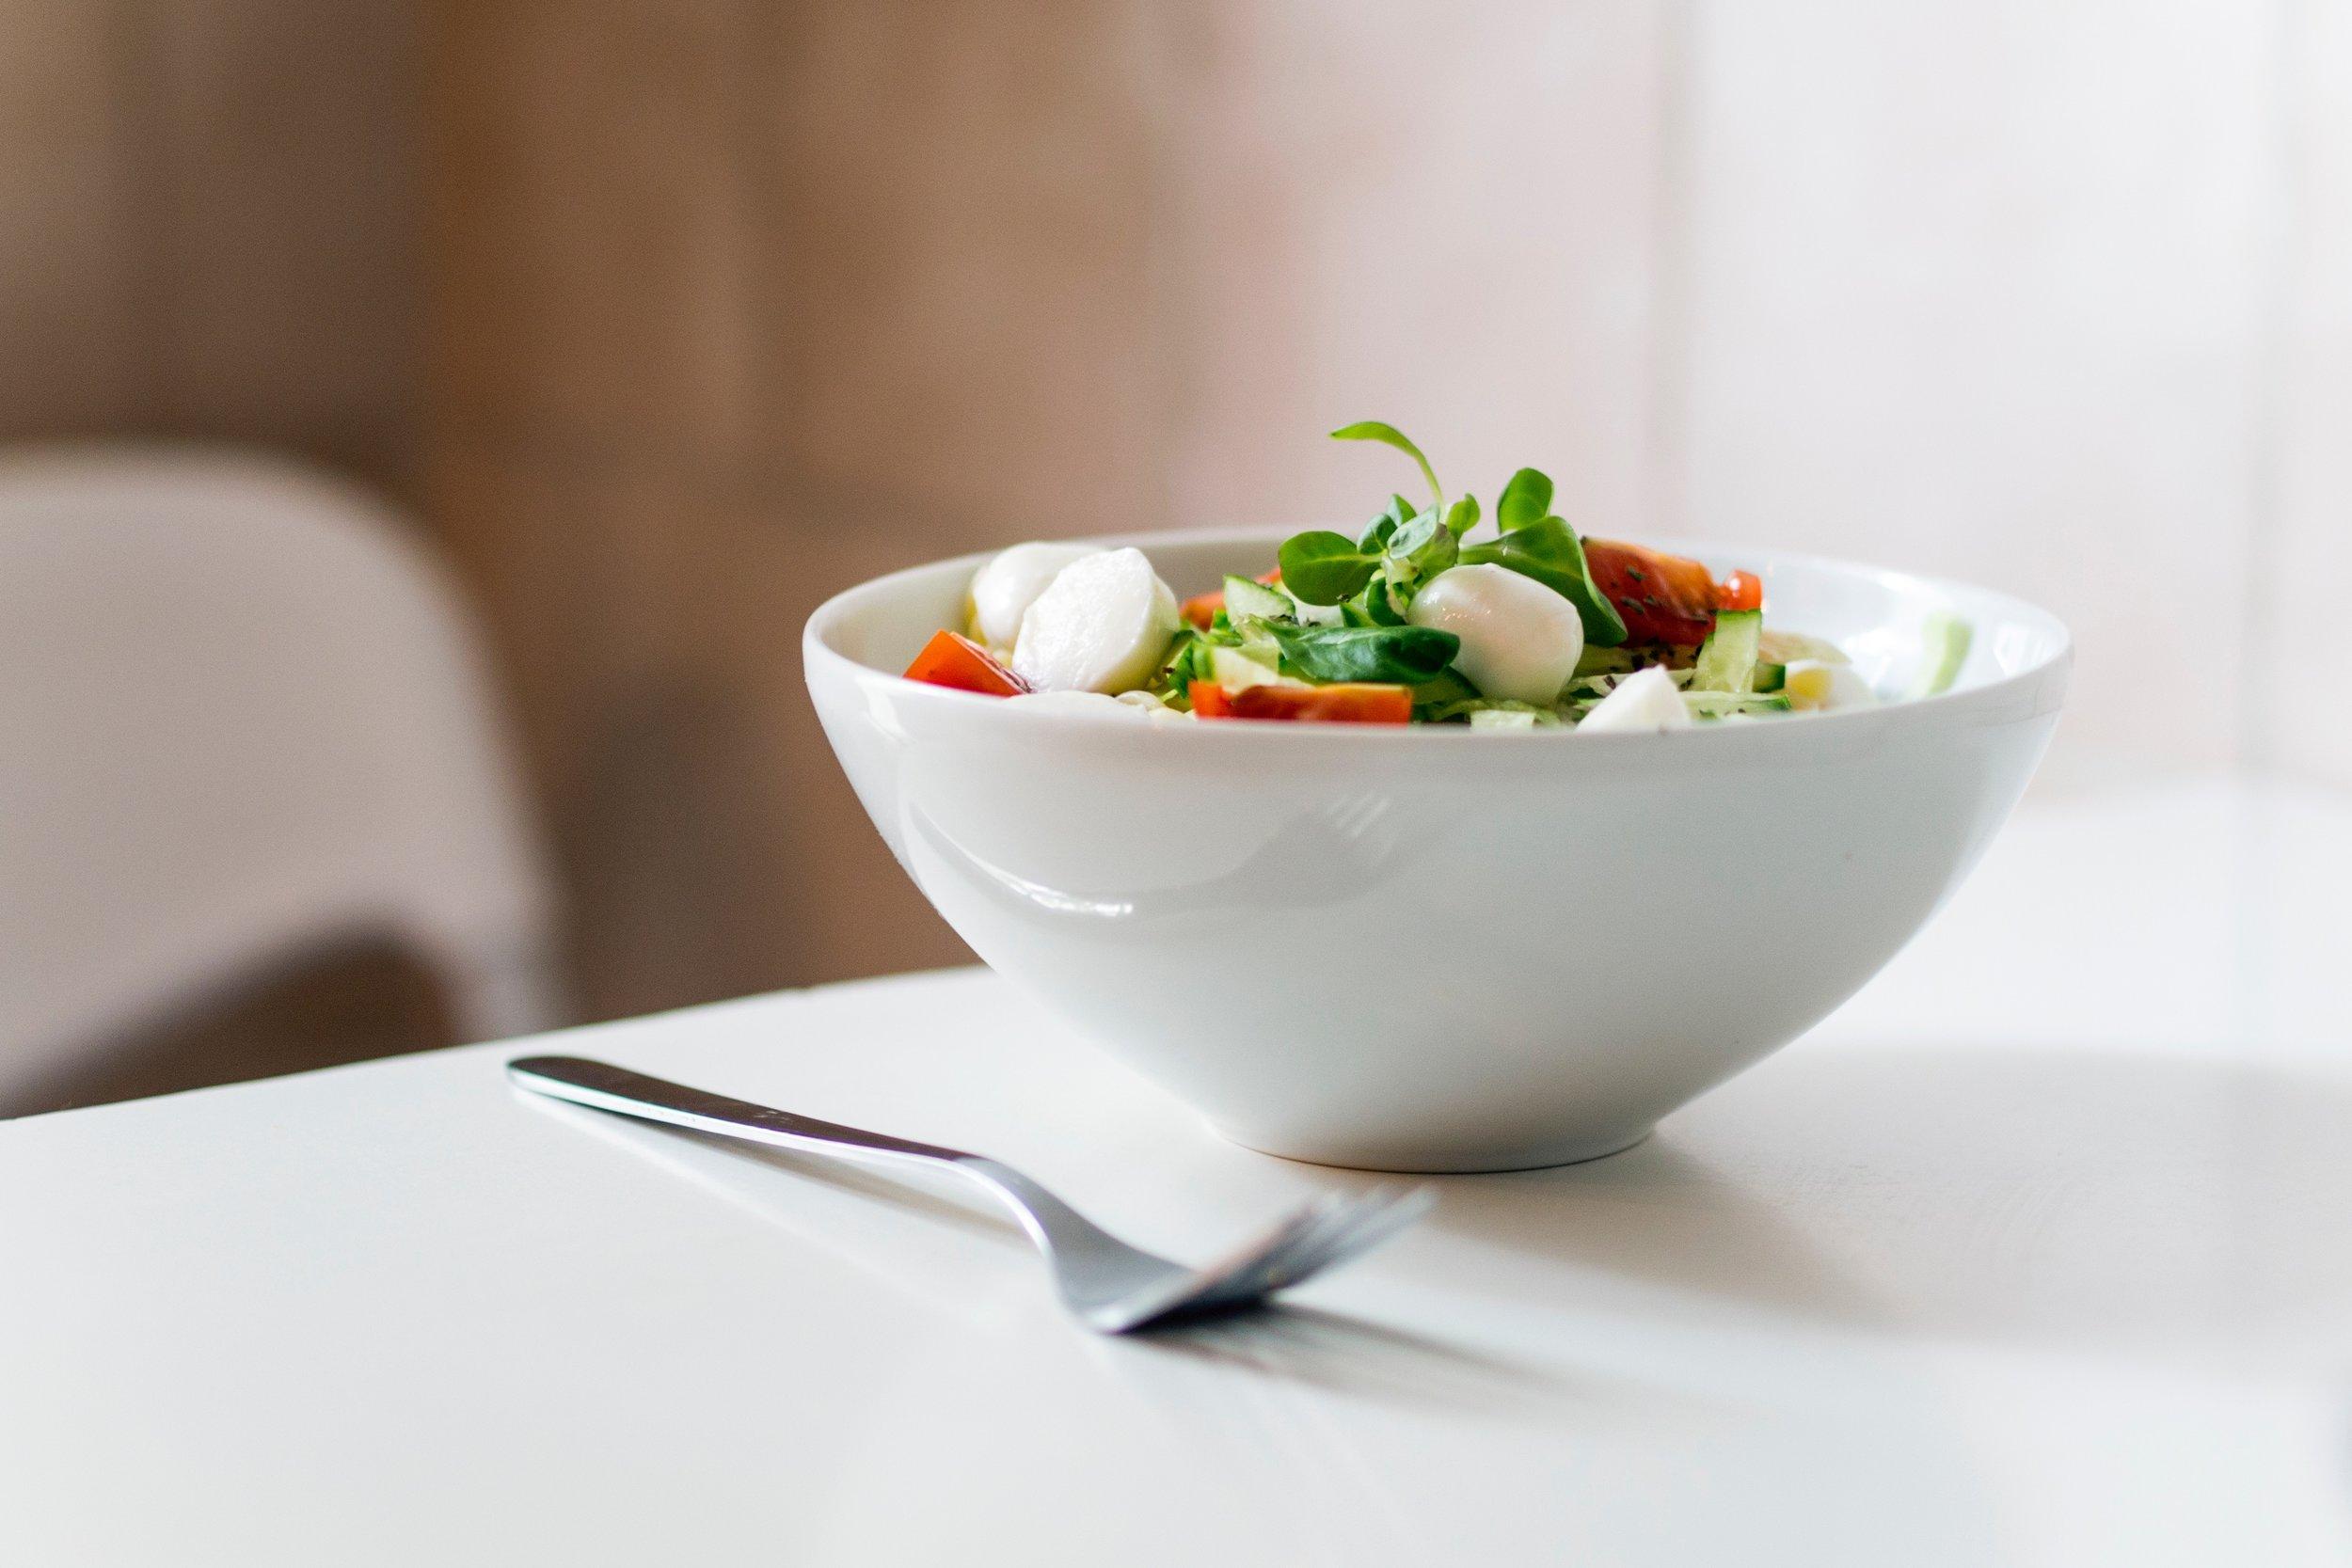 sparse-salad-eszter-biro-253762.jpg